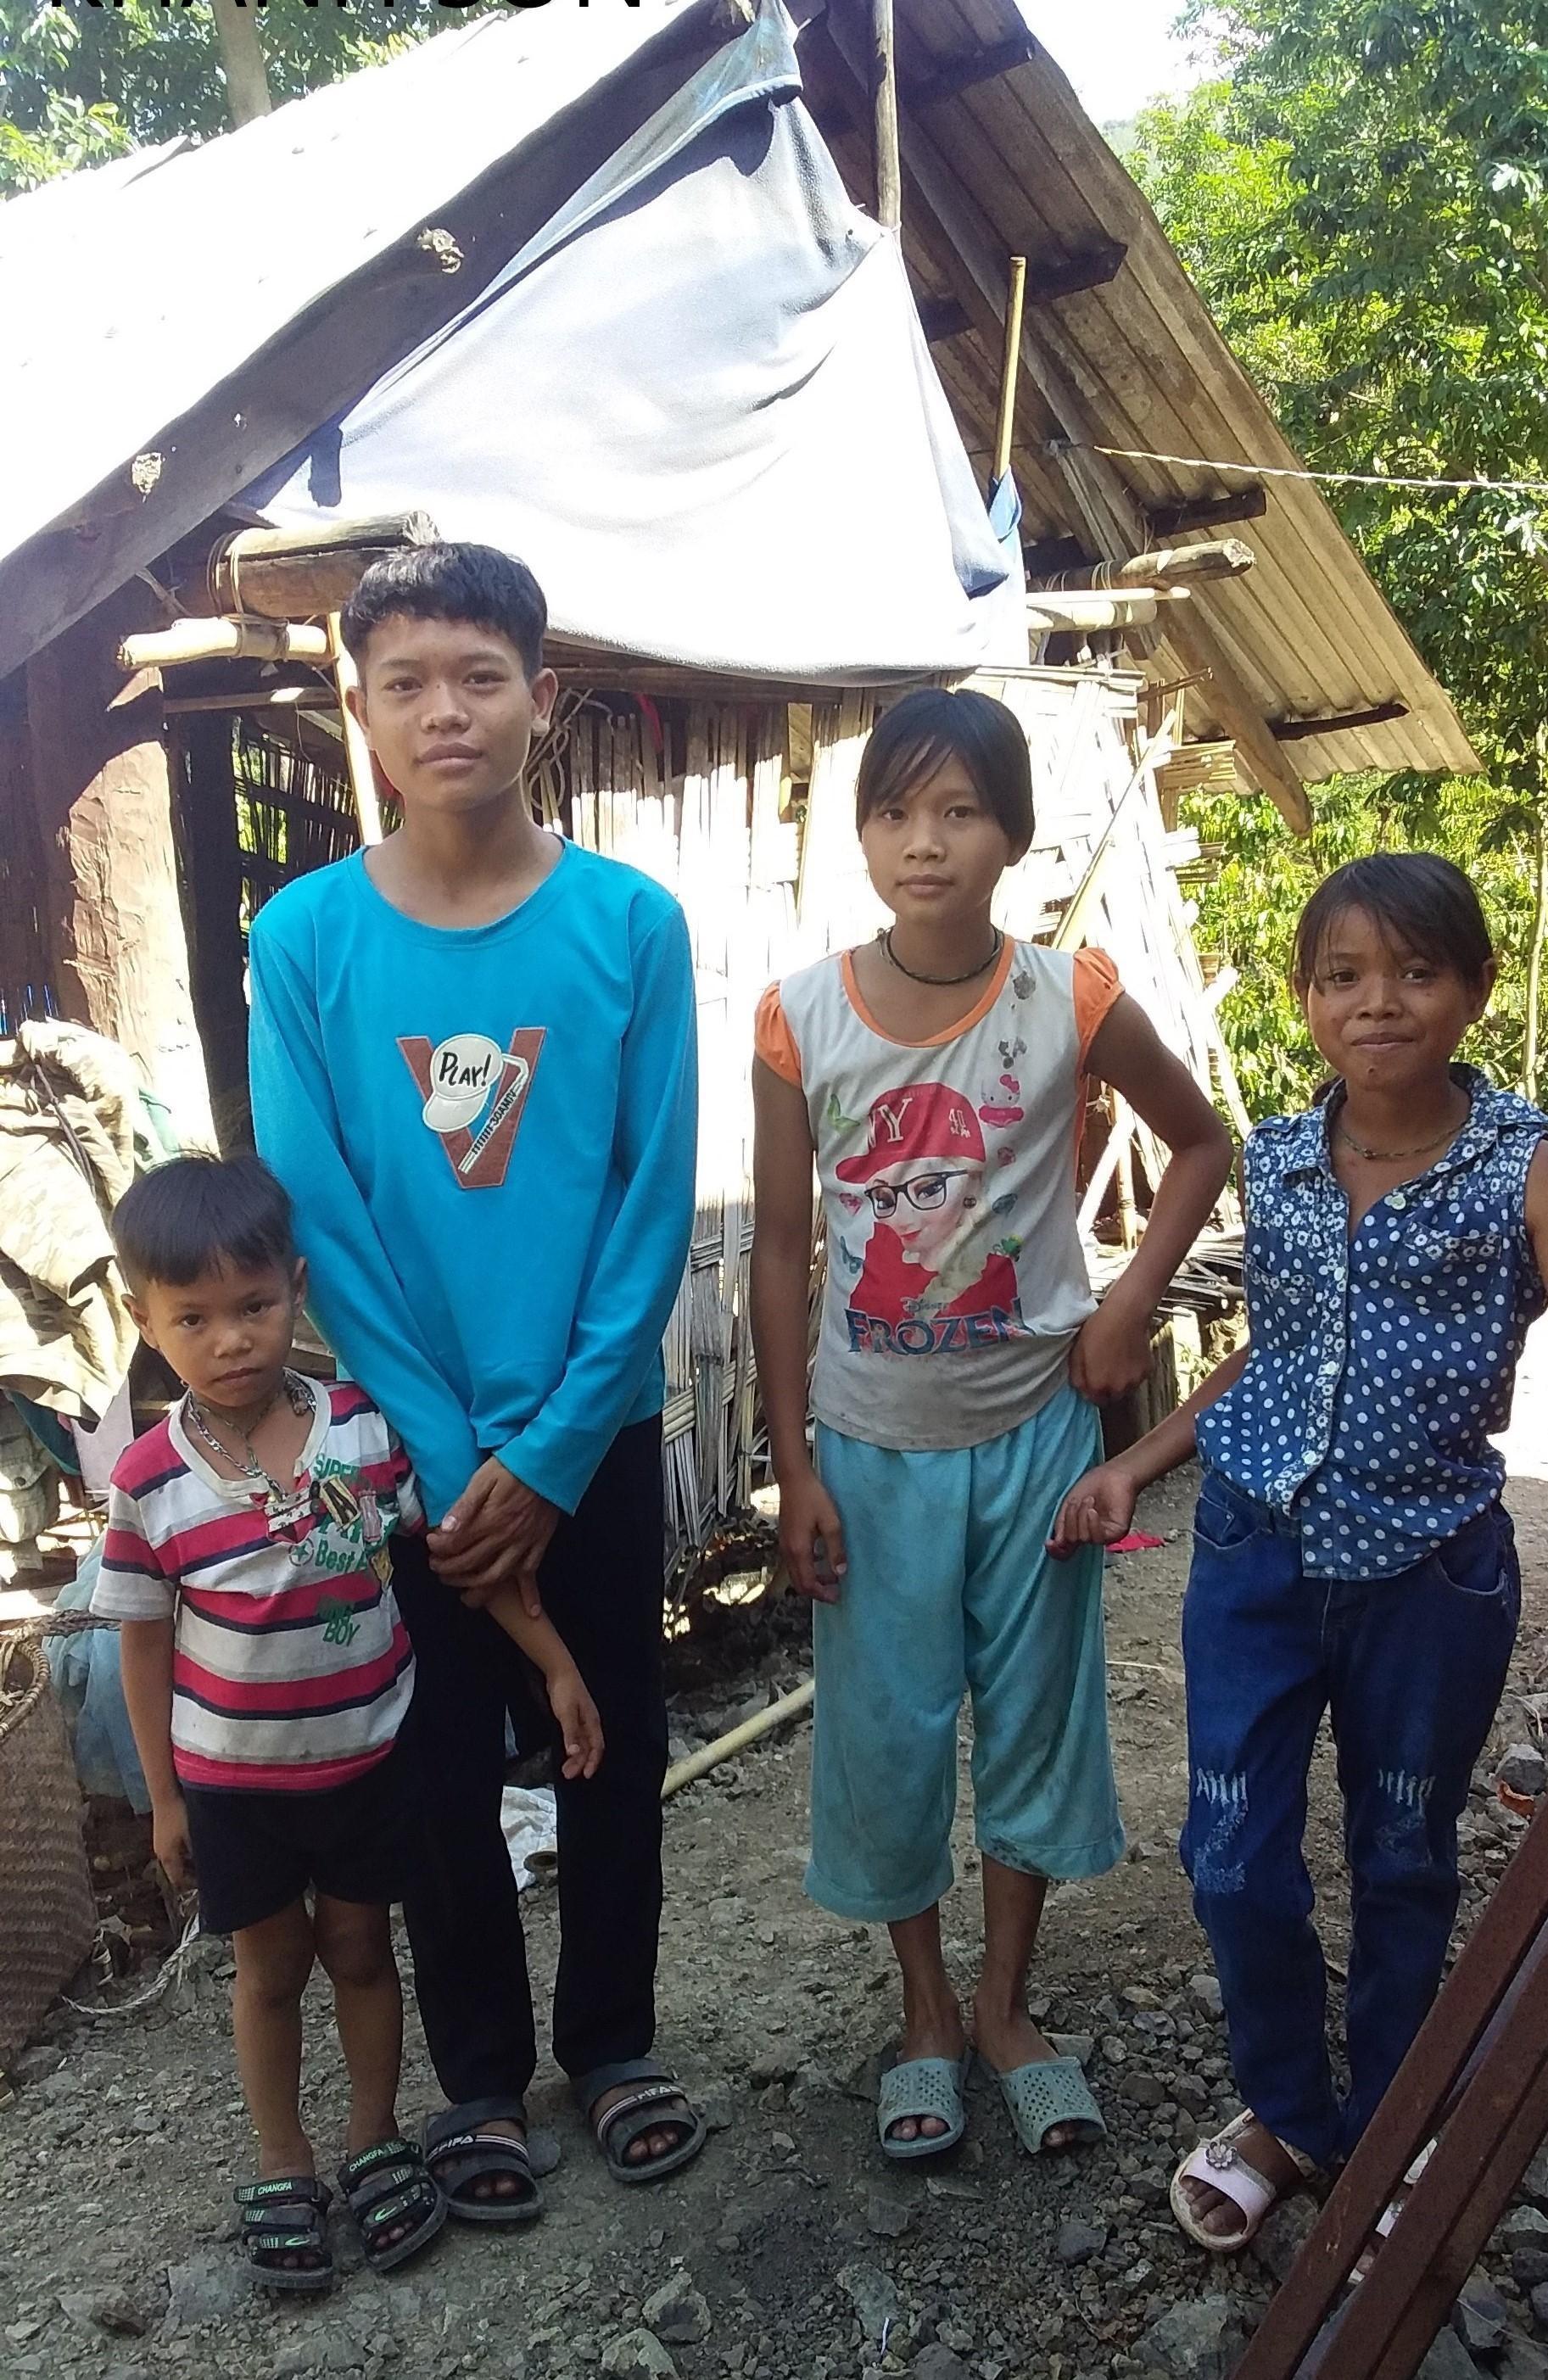 Niềm vui của 4 anh em Cao Thanh Doanh khi giấc mơ ngôi nhà mới khang trang để có nơi thờ tự bố mẹ sắp thành hiện thực. Ảnh: Huy Tôn